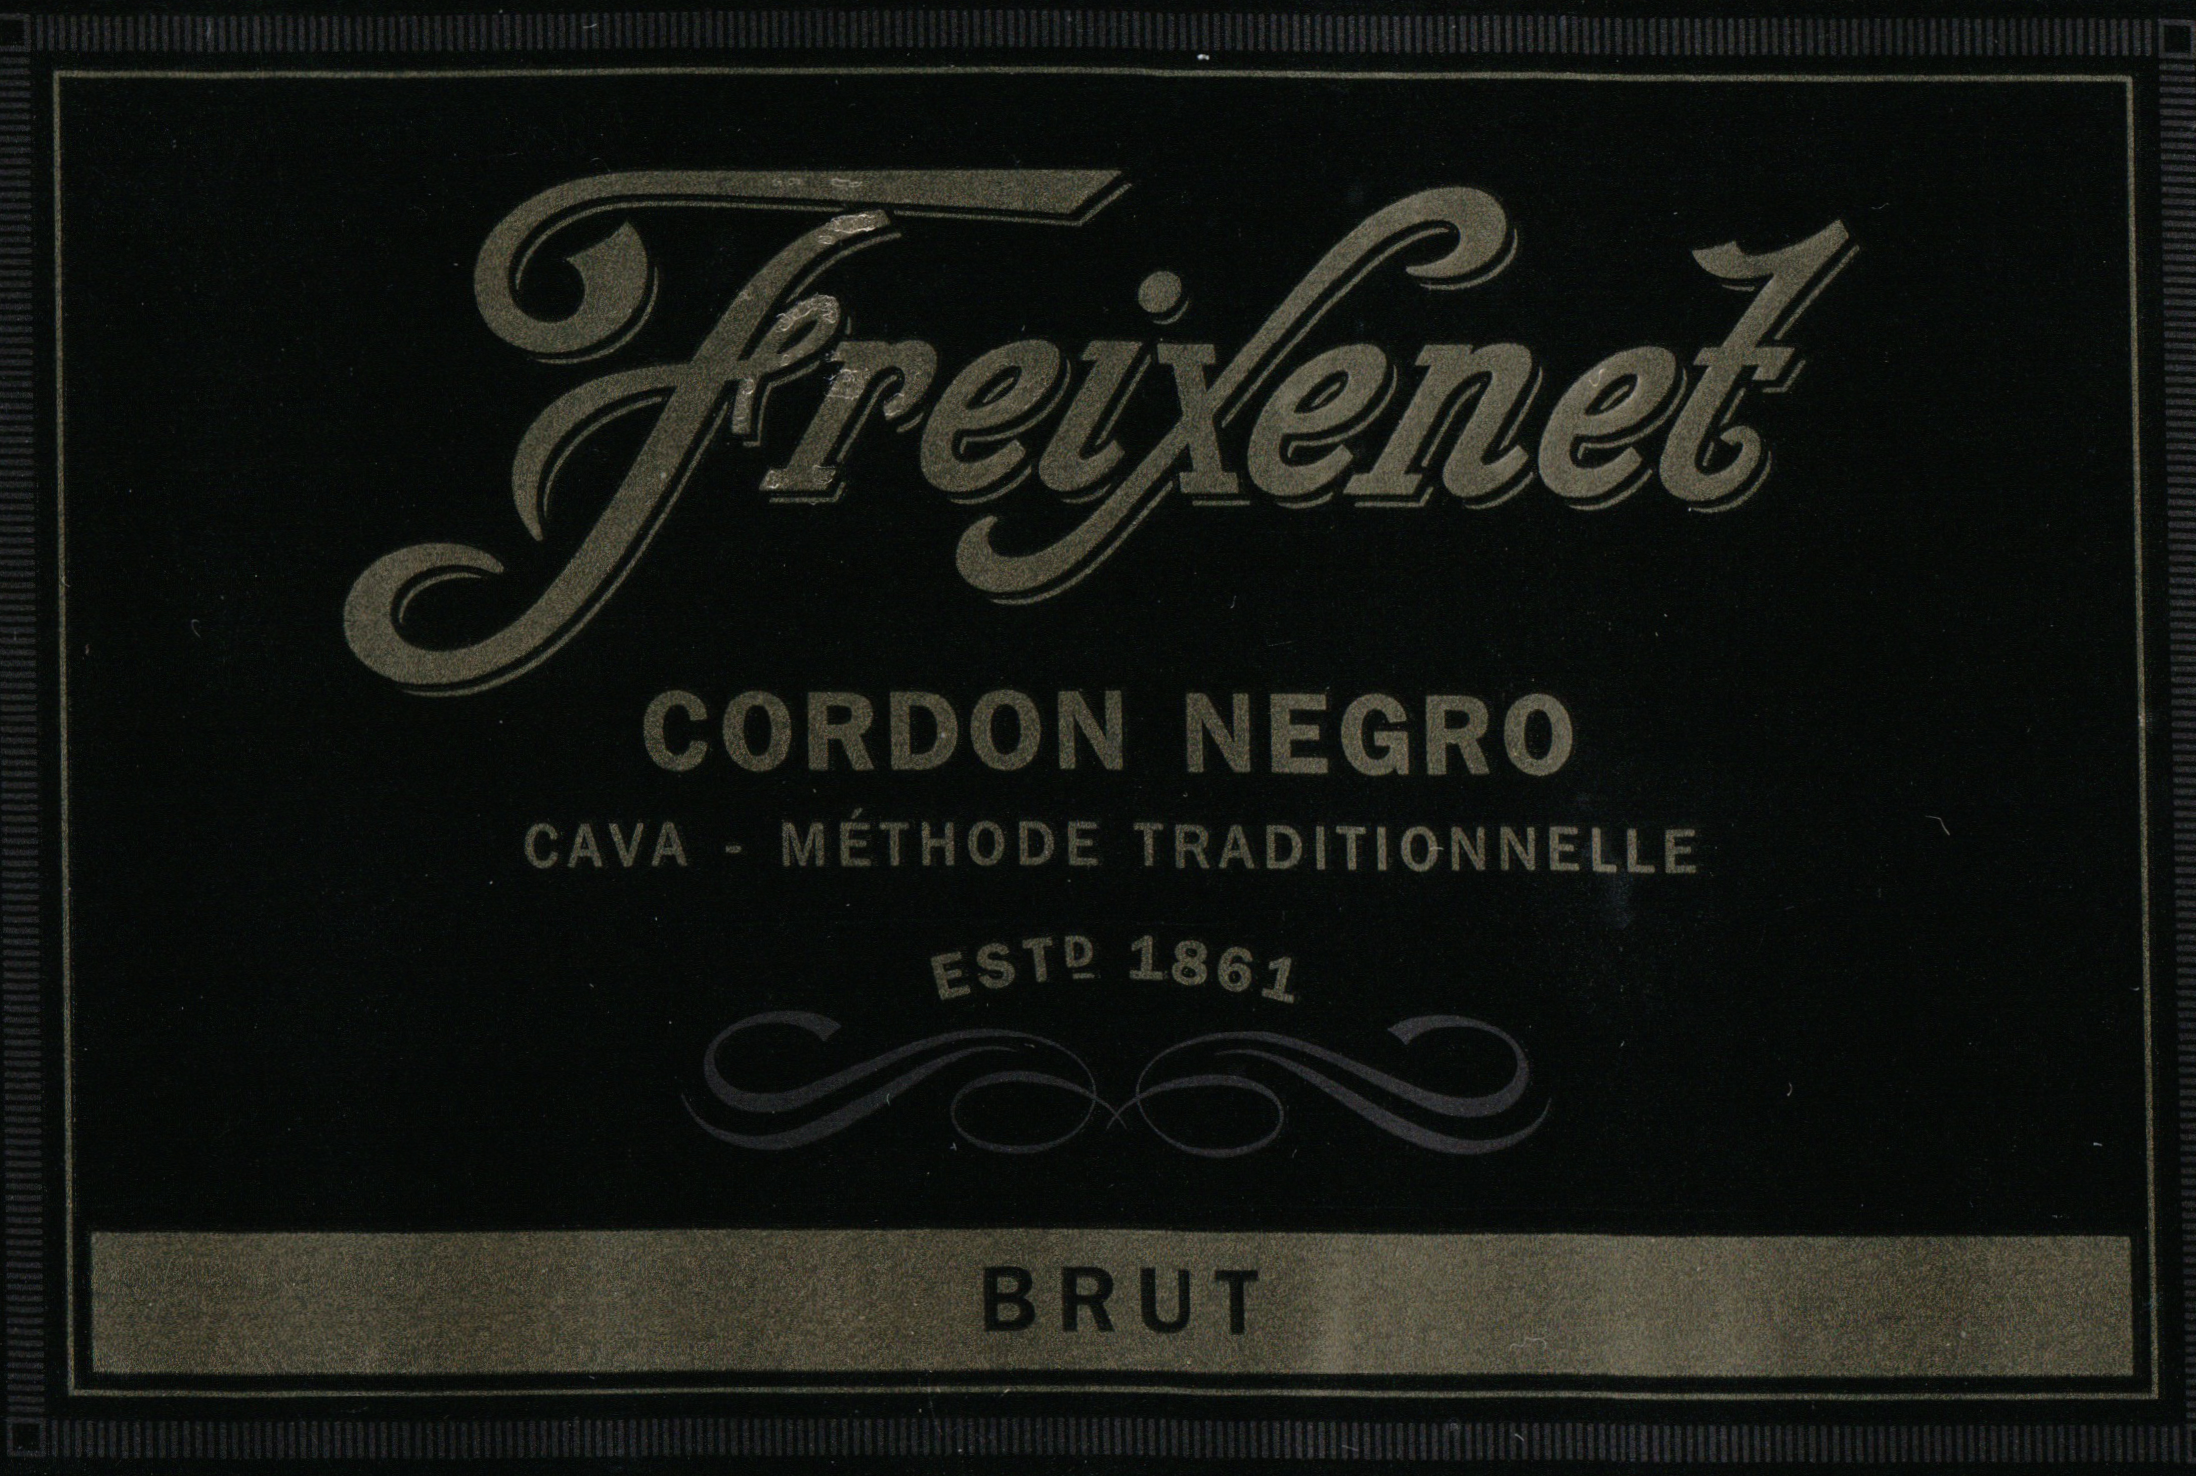 Freixenet Cordon Negro Brut